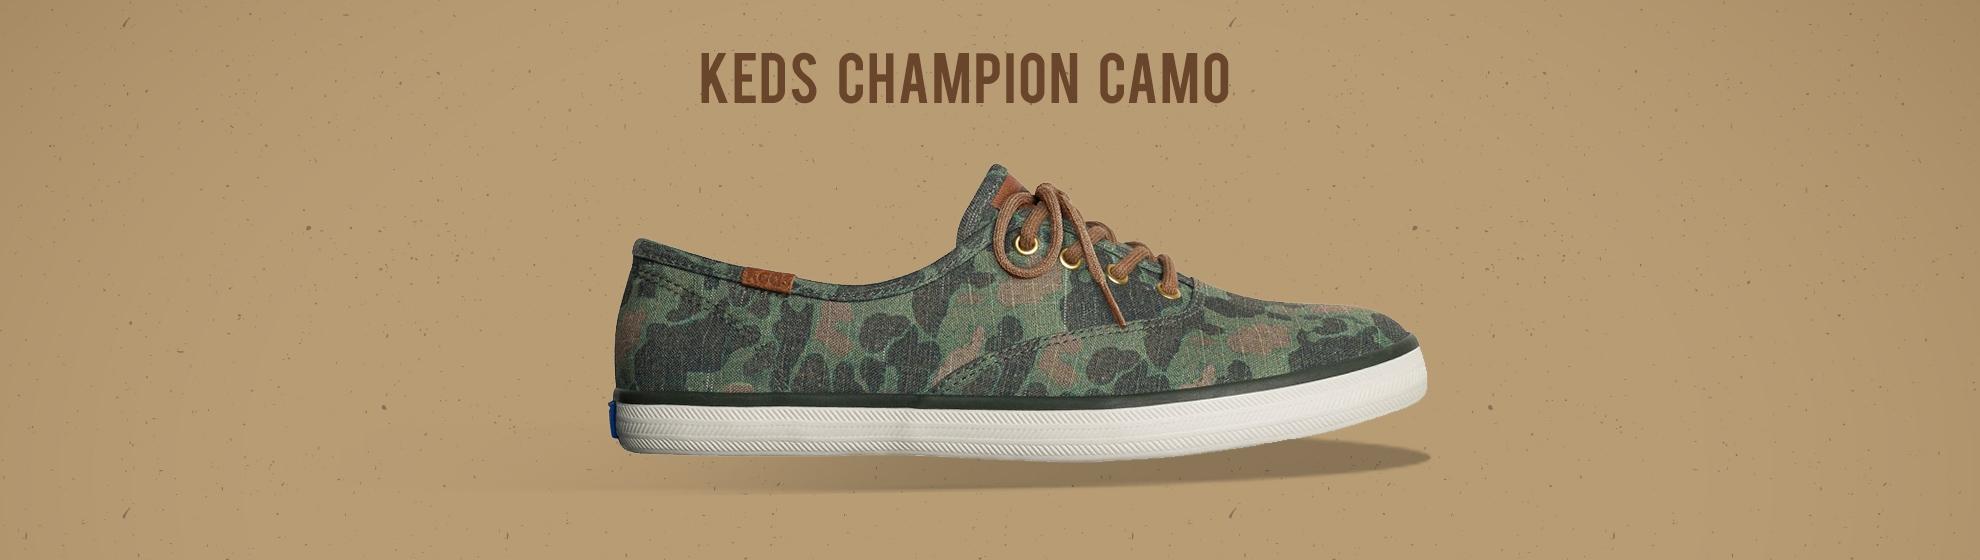 Keds Camo